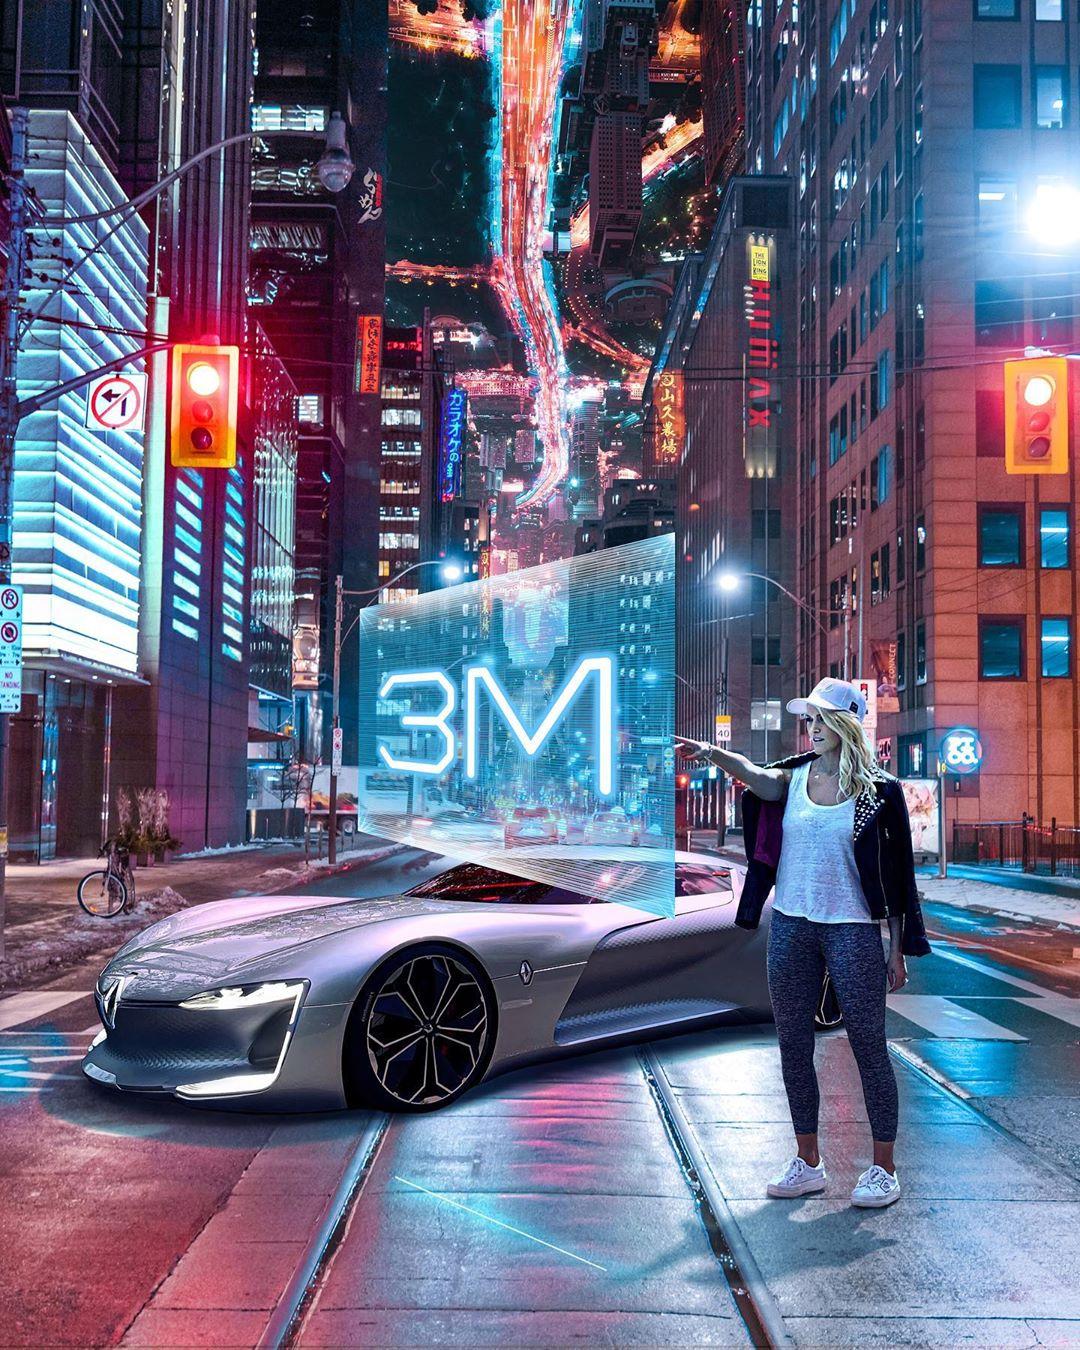 """Renault TREZOR – chiếc siêu xe hơi đã khiến Supercar Blondie thốt lên là """"chiếc xe đẹp nhất thế giới"""". Chiếc siêu xe hơi này có thể tăng vận tốc từ 0 lên đến 100km/h chỉ trong vòng 4 giây. Ảnh: @supercarblondie"""